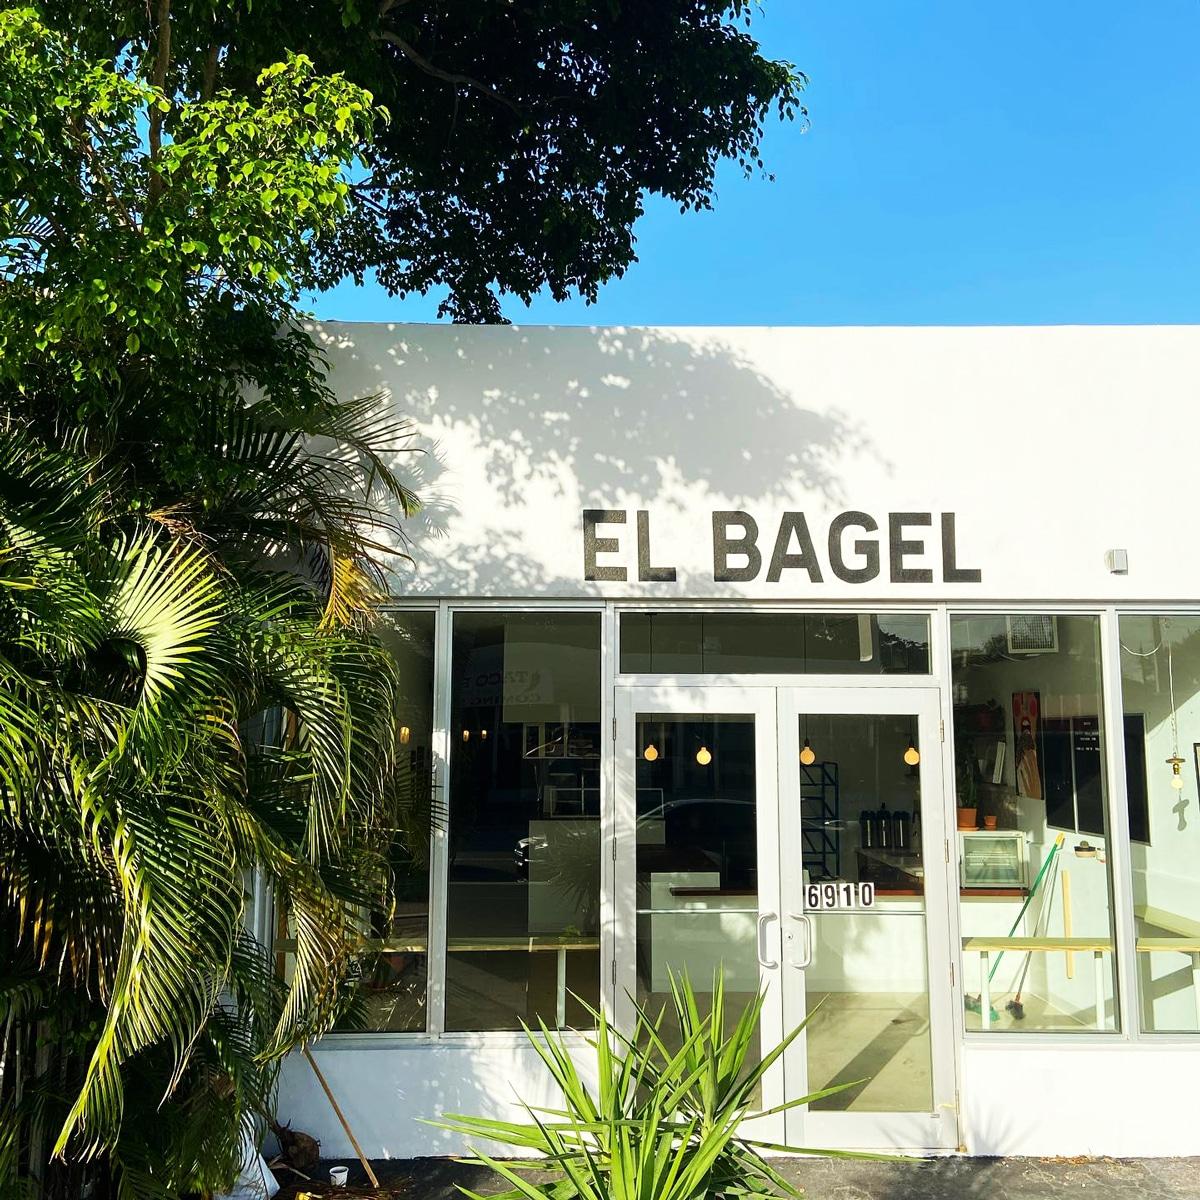 El Bagel Best Bagels in Miami restaurant in MiMo District